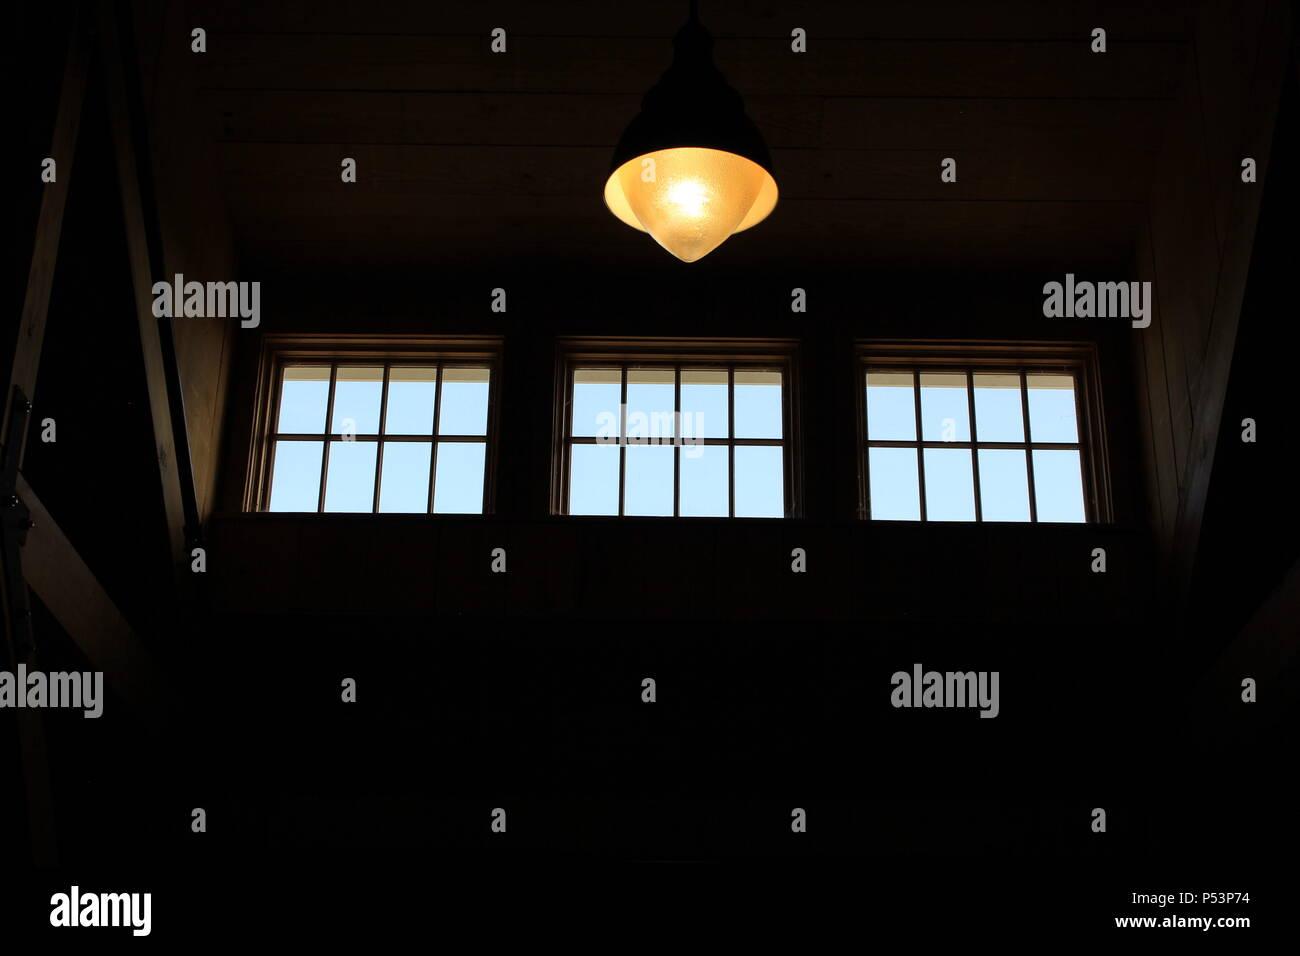 Ausgezeichnet Innen Framing Zeitgenössisch - Benutzerdefinierte ...